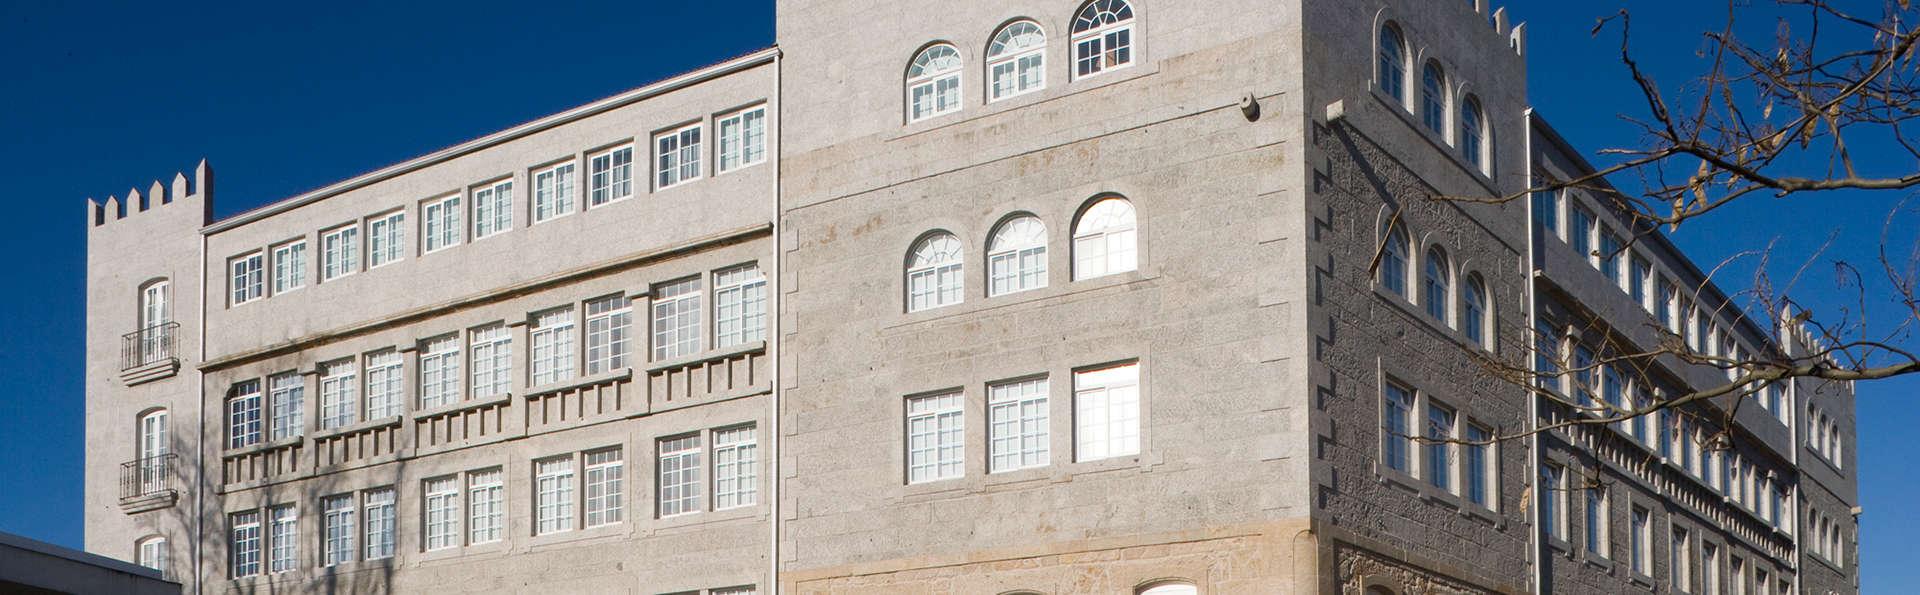 Termas de Cuntis - Hotel La Virgen - EDIT_NEW_front.jpg